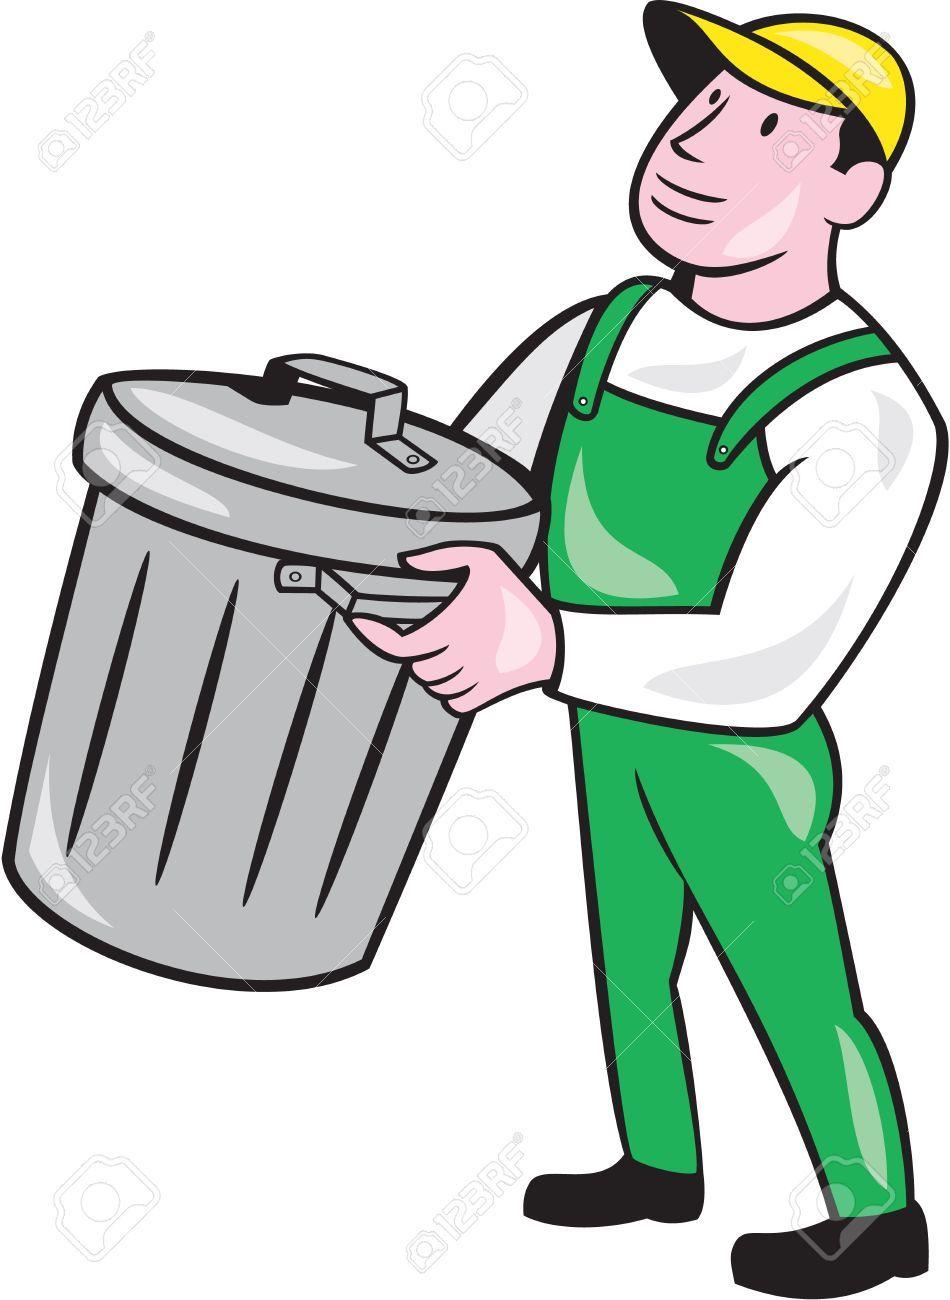 Ilustracion De Un Recolector De Basura Llevando Cubo De Basura De Residuos De Basura Buscando El Lado En El Fondo Blanco Aislado Hecho En Estilo De Dibujos Anim Cubo De Basura